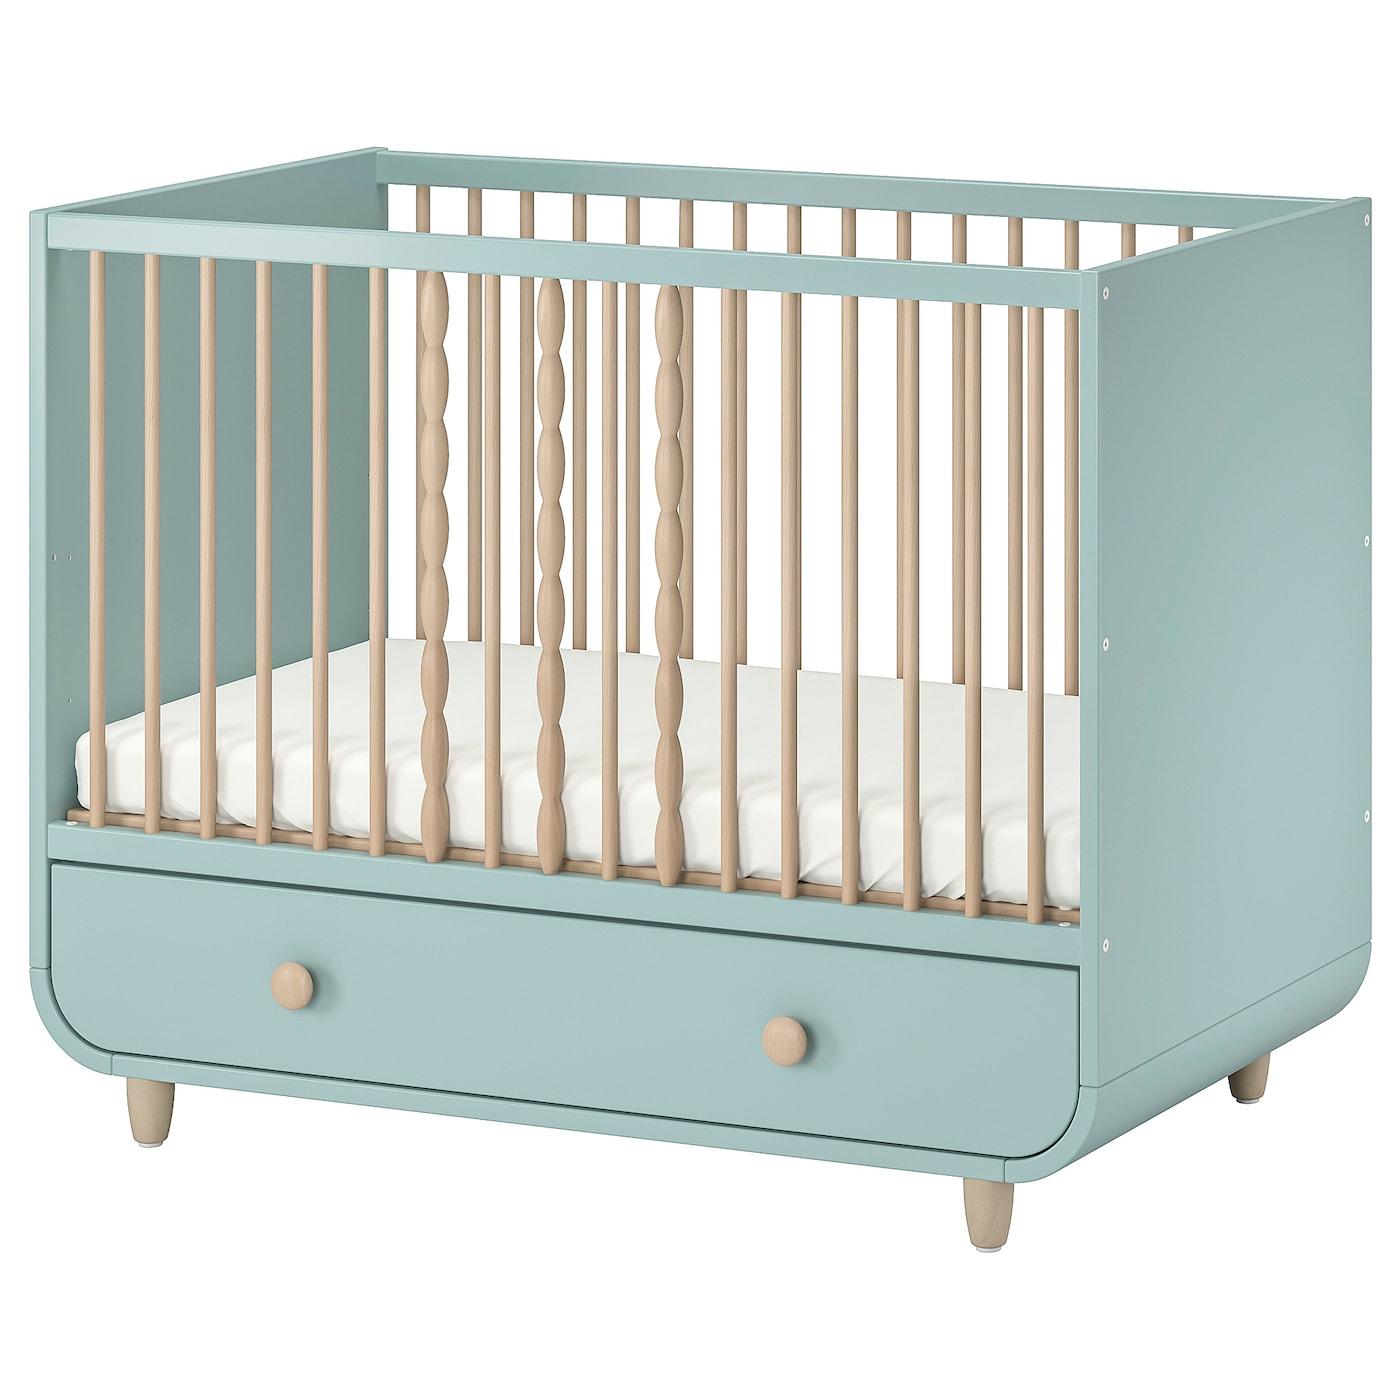 IKEA MYLLRA Babybett mit schubfach Helltürkis helltürkis 70x140 cm | Kinderzimmer > Babymöbel > Babybetten & Babywiegen | IKEA